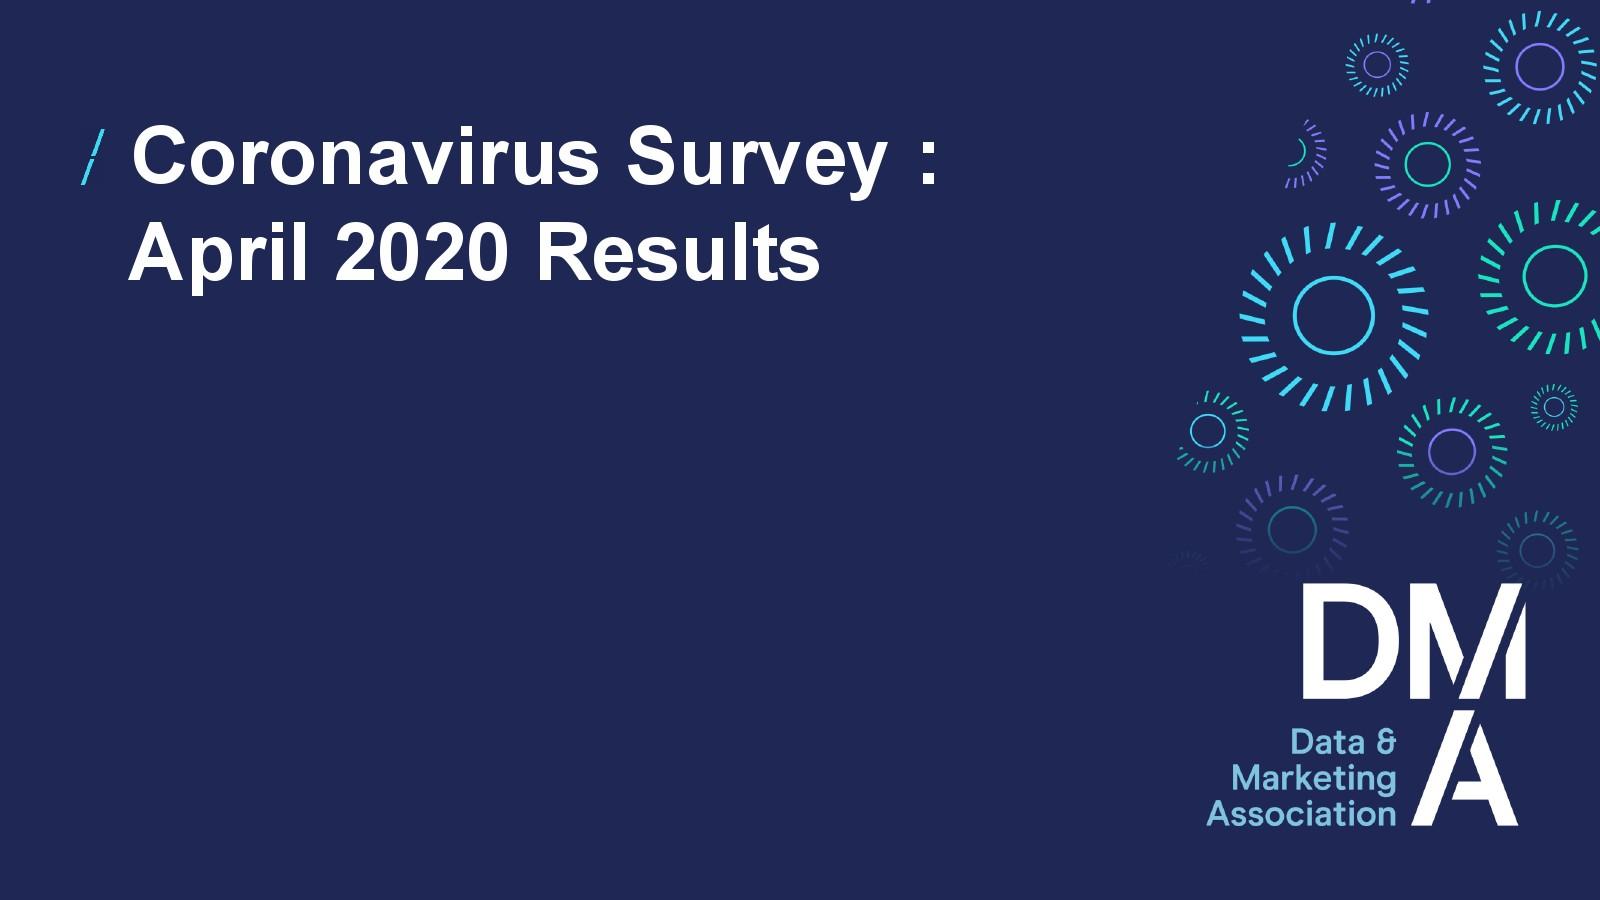 DMA:冠状病毒流行期间数据和营销行业报告